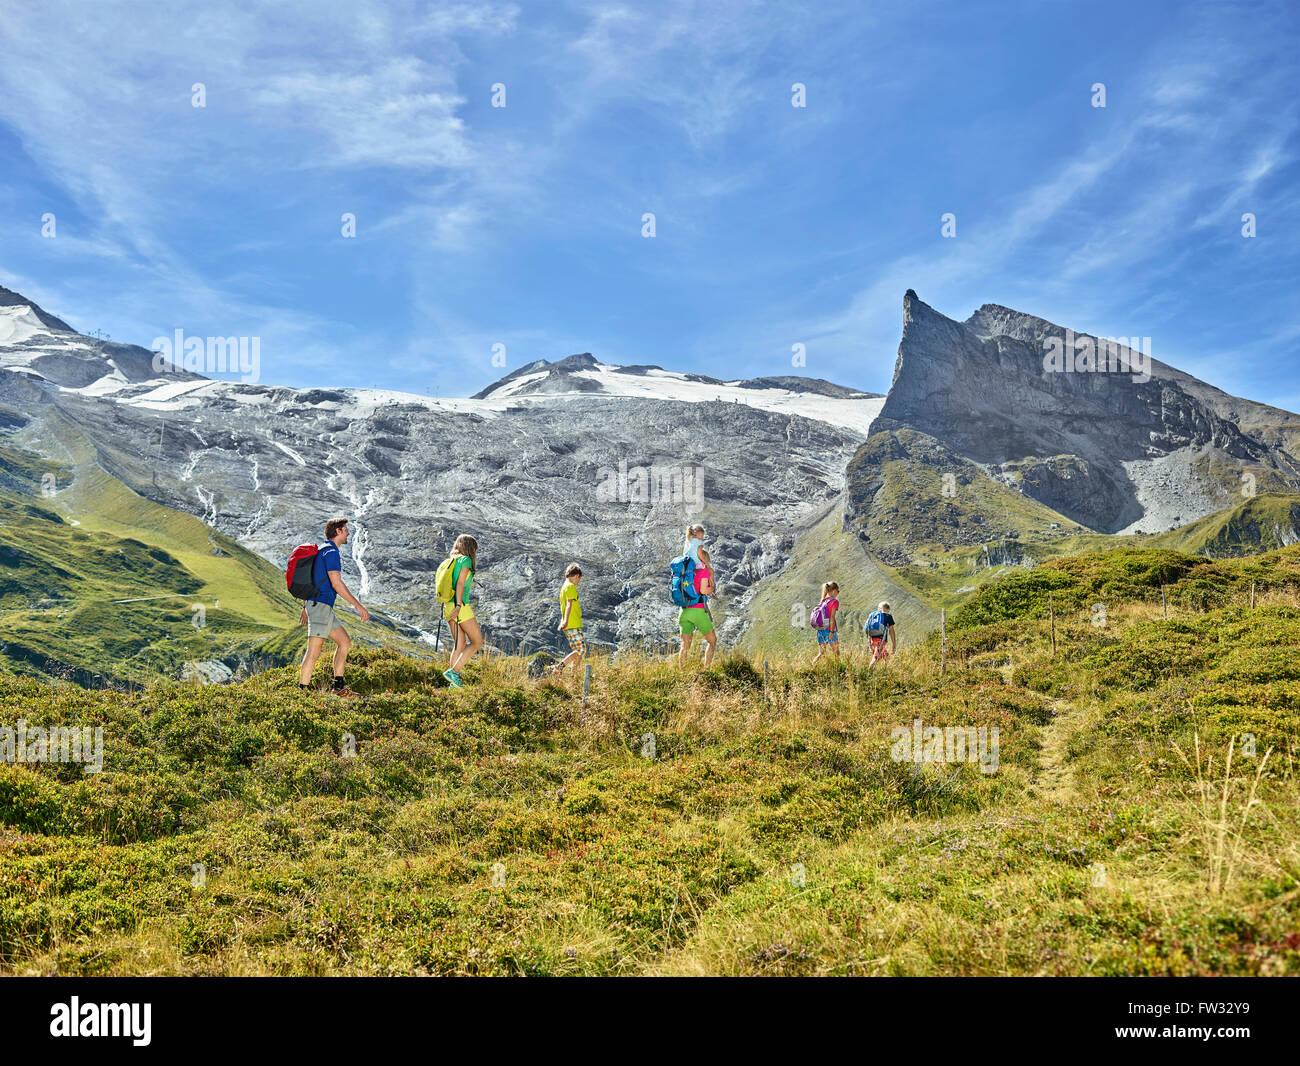 Familie mit fünf Kindern Wandern vor einer Bergkulisse, Hintertux, Zillertal, Tirol, Österreich Stockbild